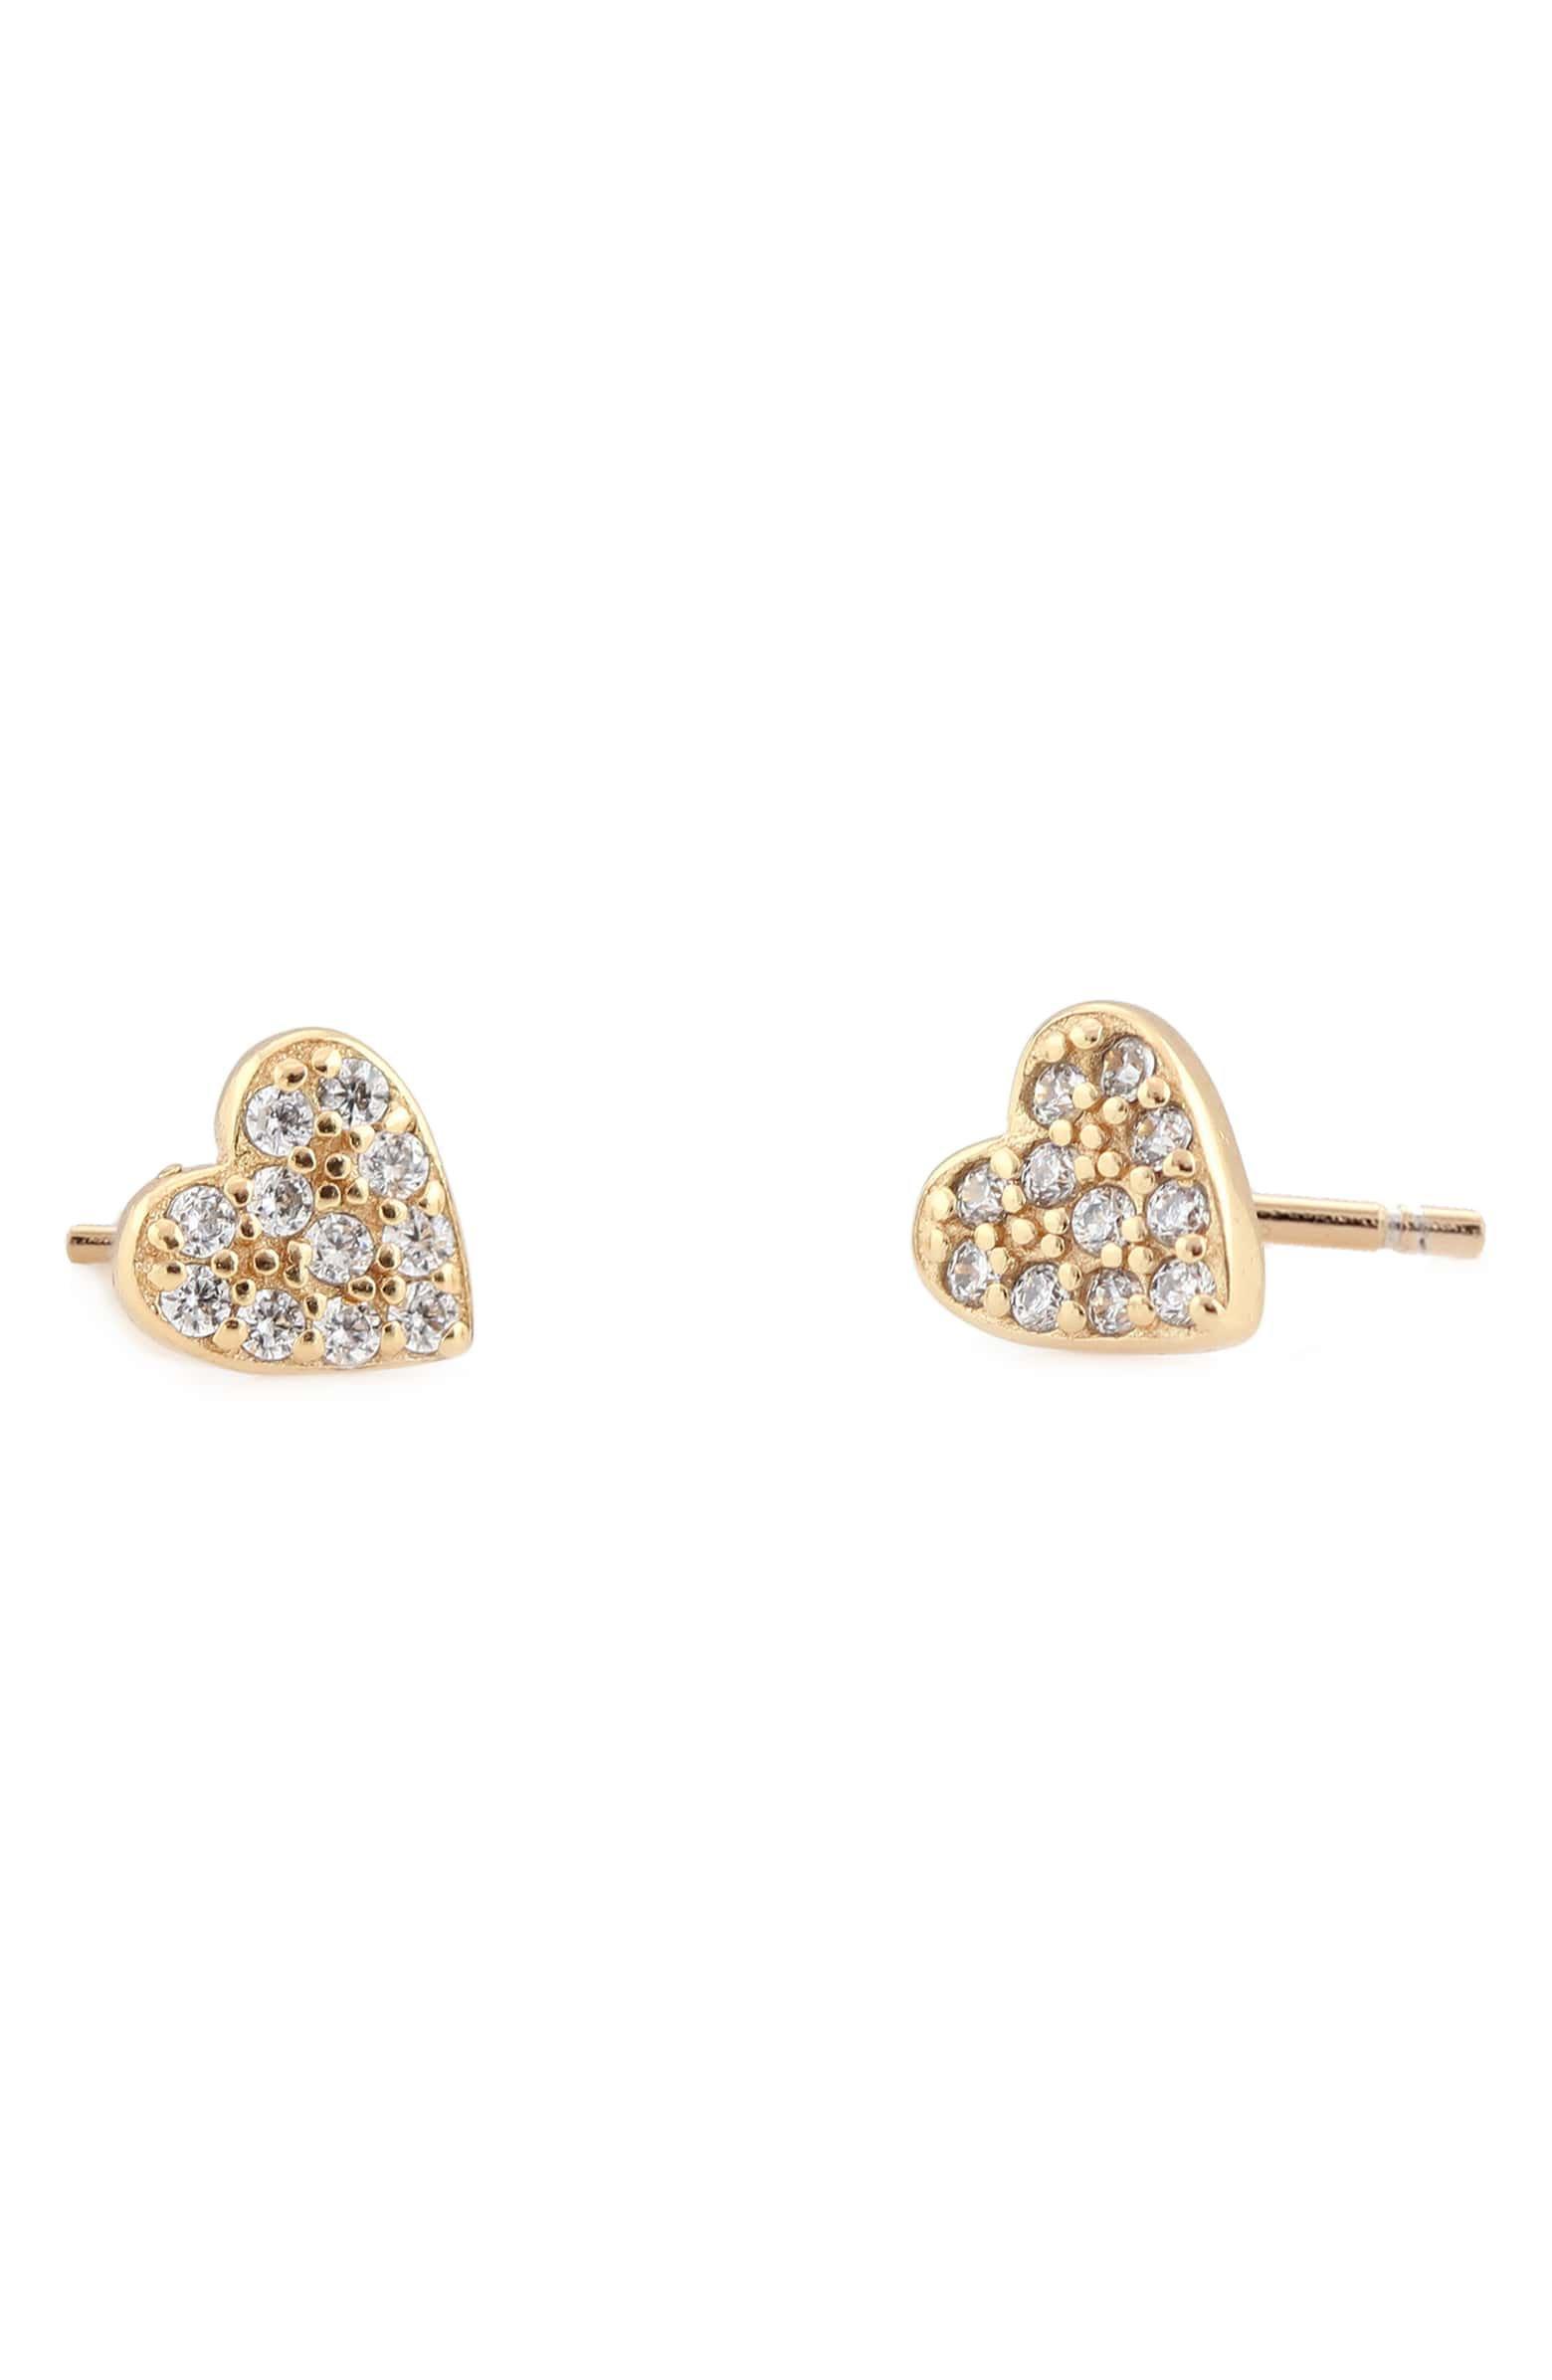 Kris Nations Pavé Heart Stud Earrings | Nordstrom